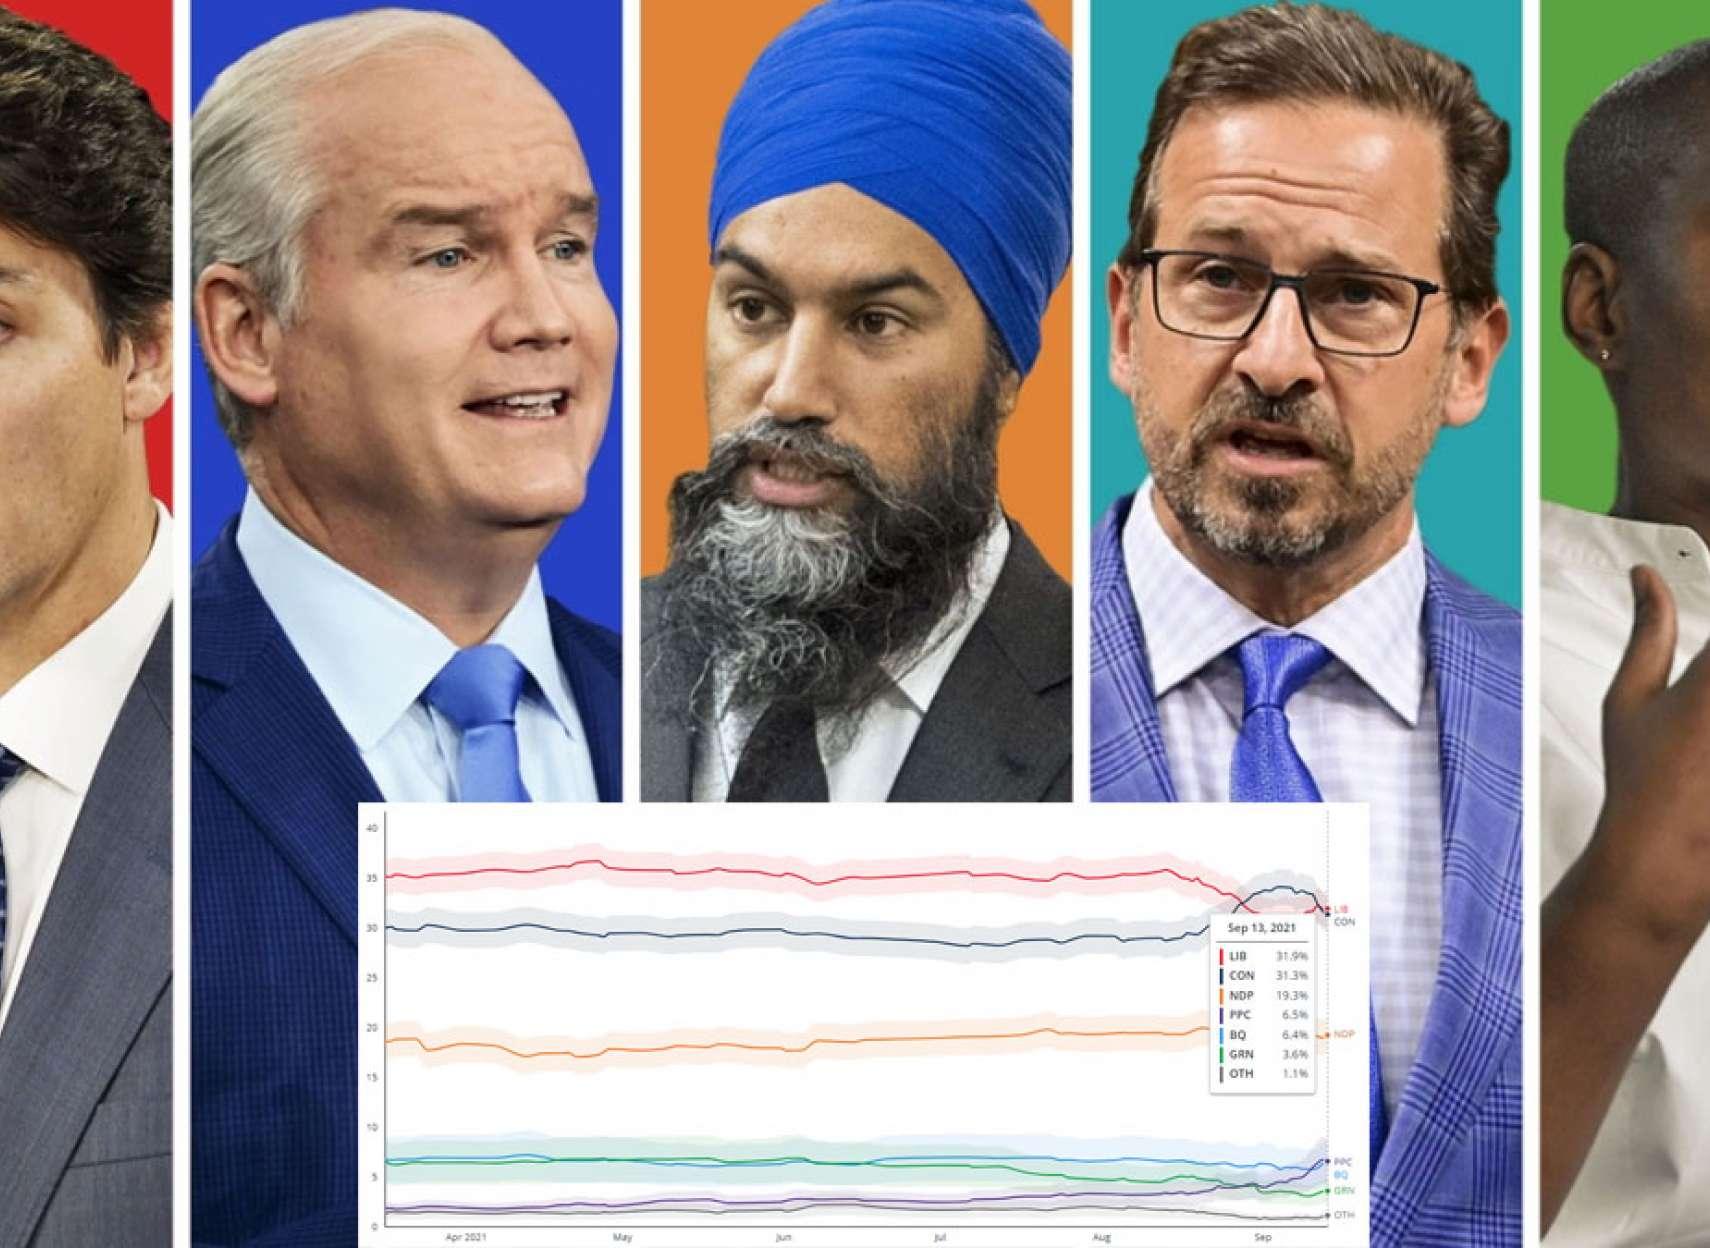 خبر-کانادا-یک-هفته-به-انتخابات-لیبرال-ها-دوباره-از-محافظه-کاران-جلو-زدند؛-ایرانی-ها-روی-لبه-تیغ